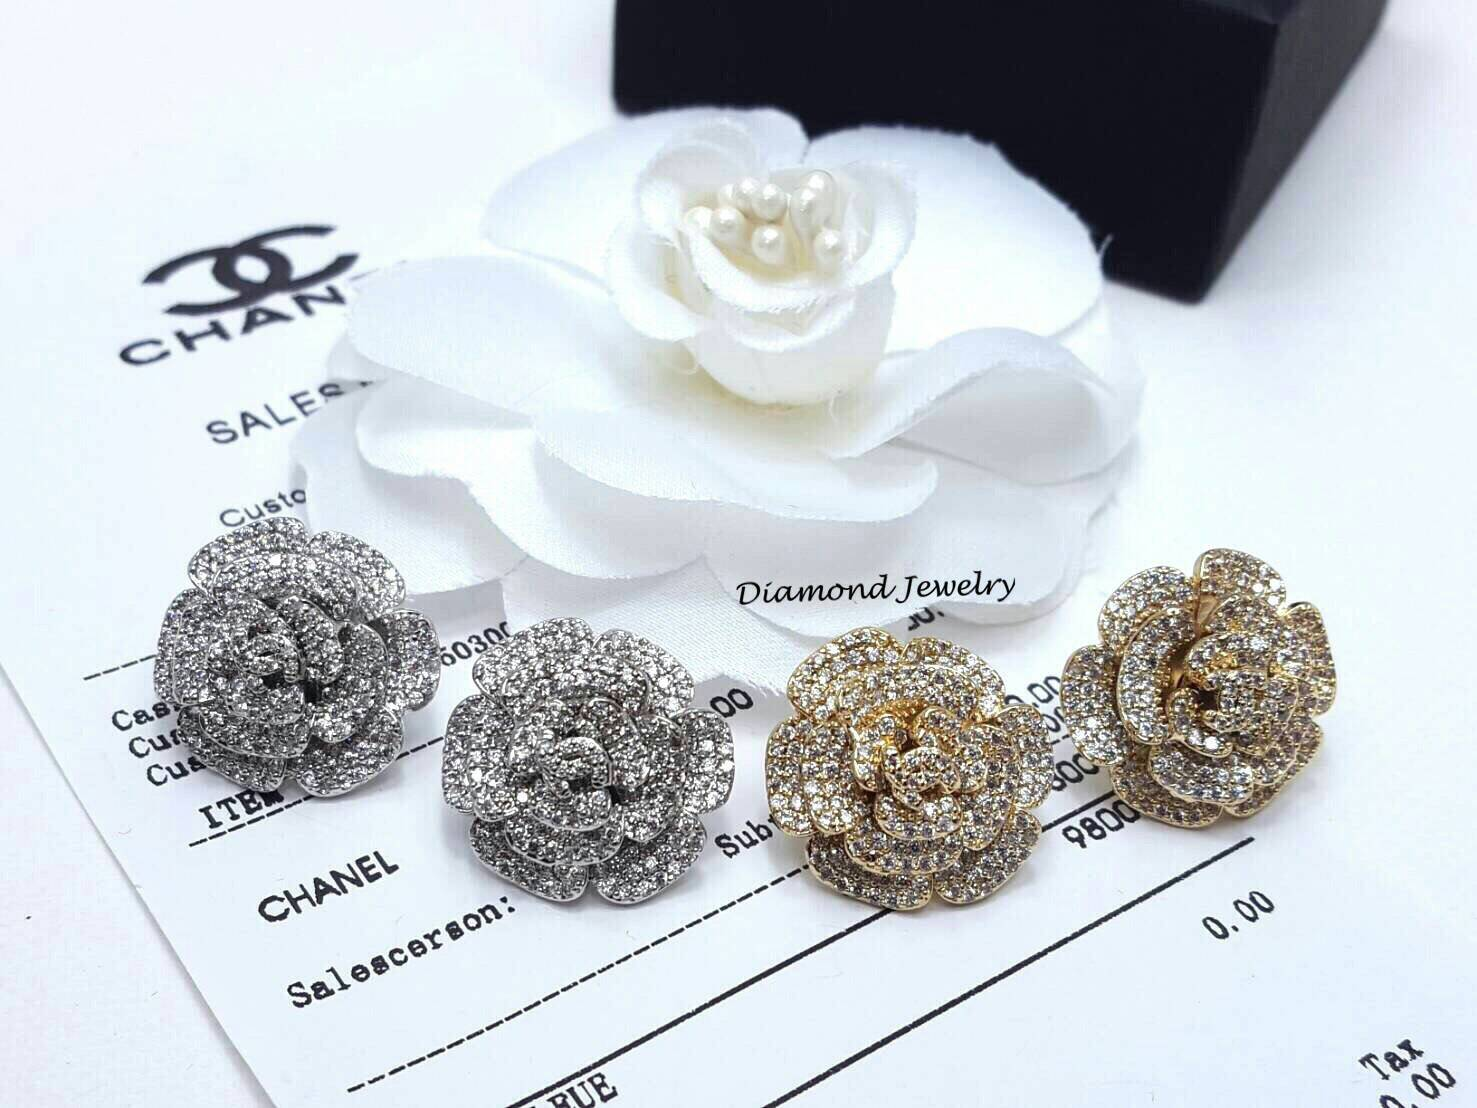 พร้อมส่ง ที่สุดของ Chanel Earring จัดเลย คู่เดียวจบเ